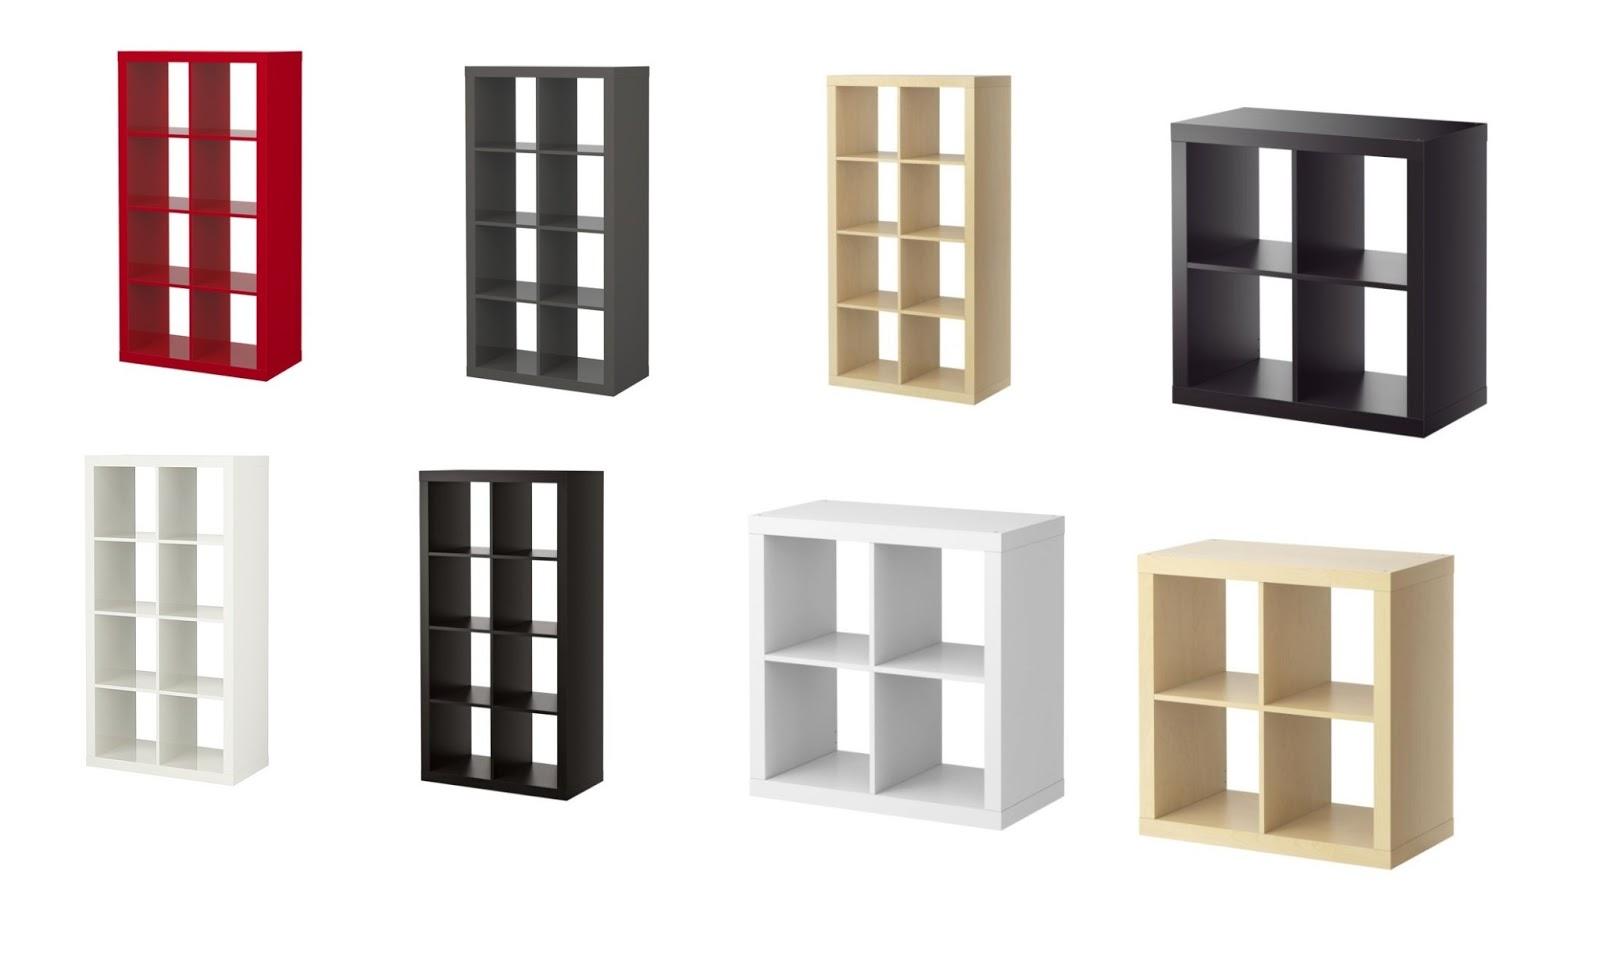 Viaje al fin del ikea hyperbole for Ikea puertas para estanterias